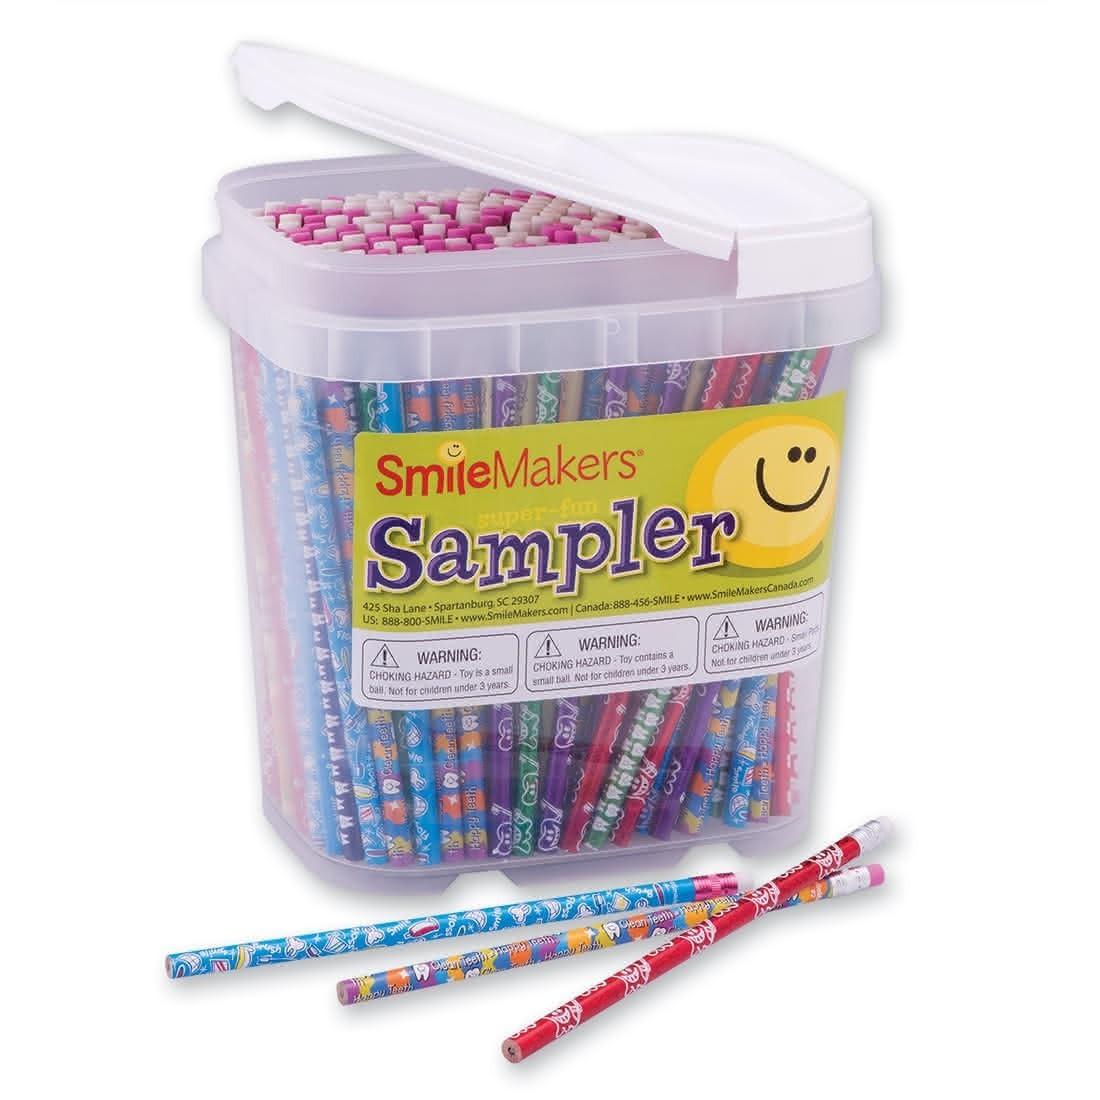 Dental Pencil Sampler [image]